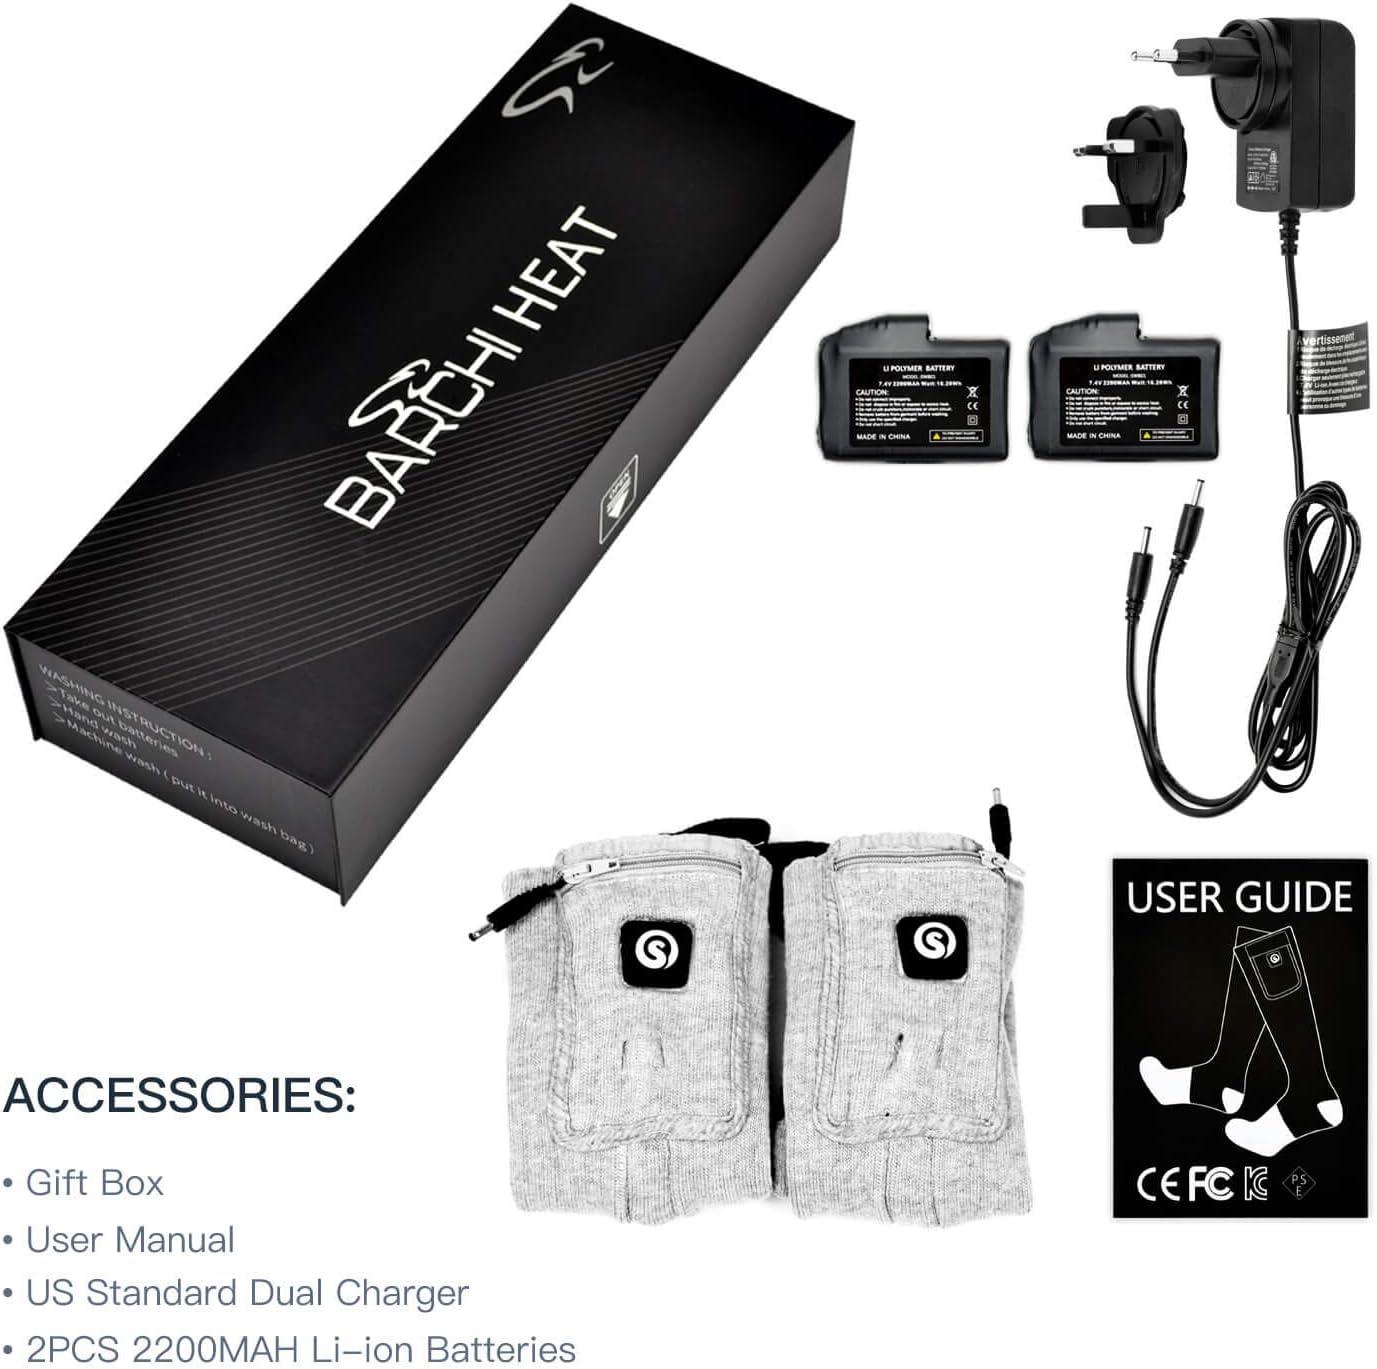 BARCHI HEAT 7.4V 2200MAH Chaussettes chauff/ées,Batterie Rechargeable Chaussettes chauffantes pour Faire du Ski de Neige Faire du Ski Chaussettes motoris/ées /à Piles